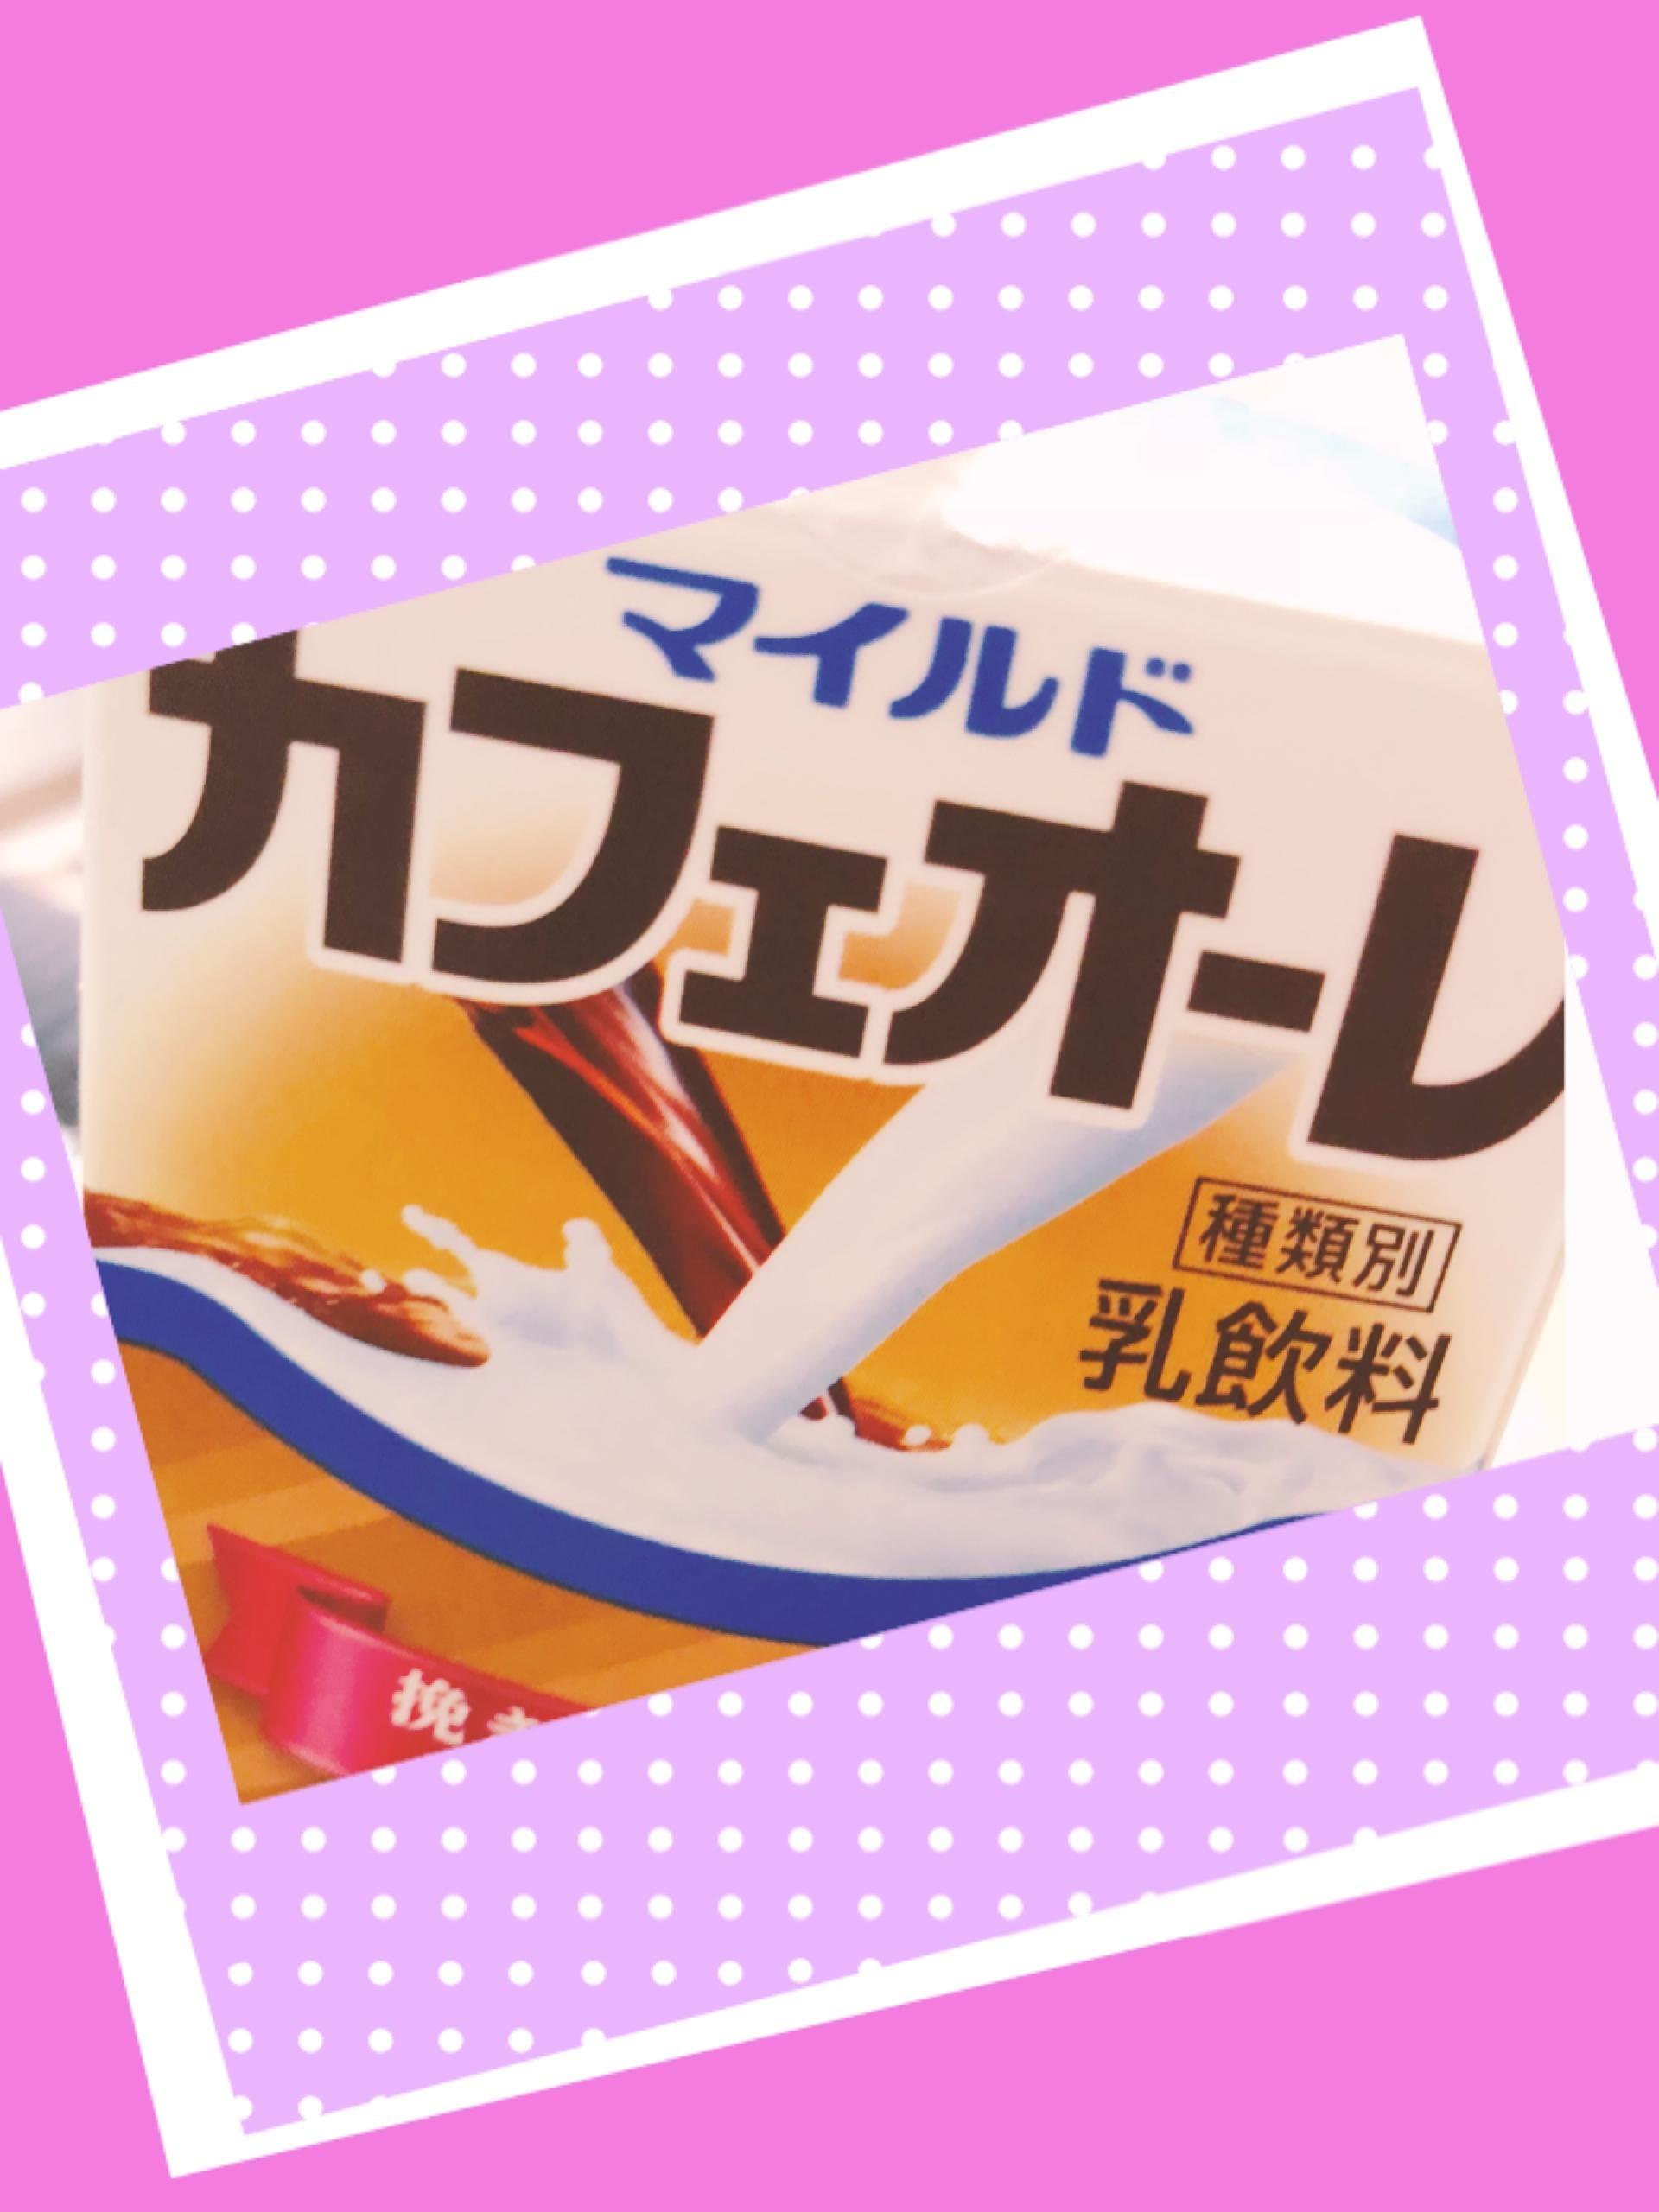 「被害」09/04(09/04) 20:19 | りおの写メ・風俗動画